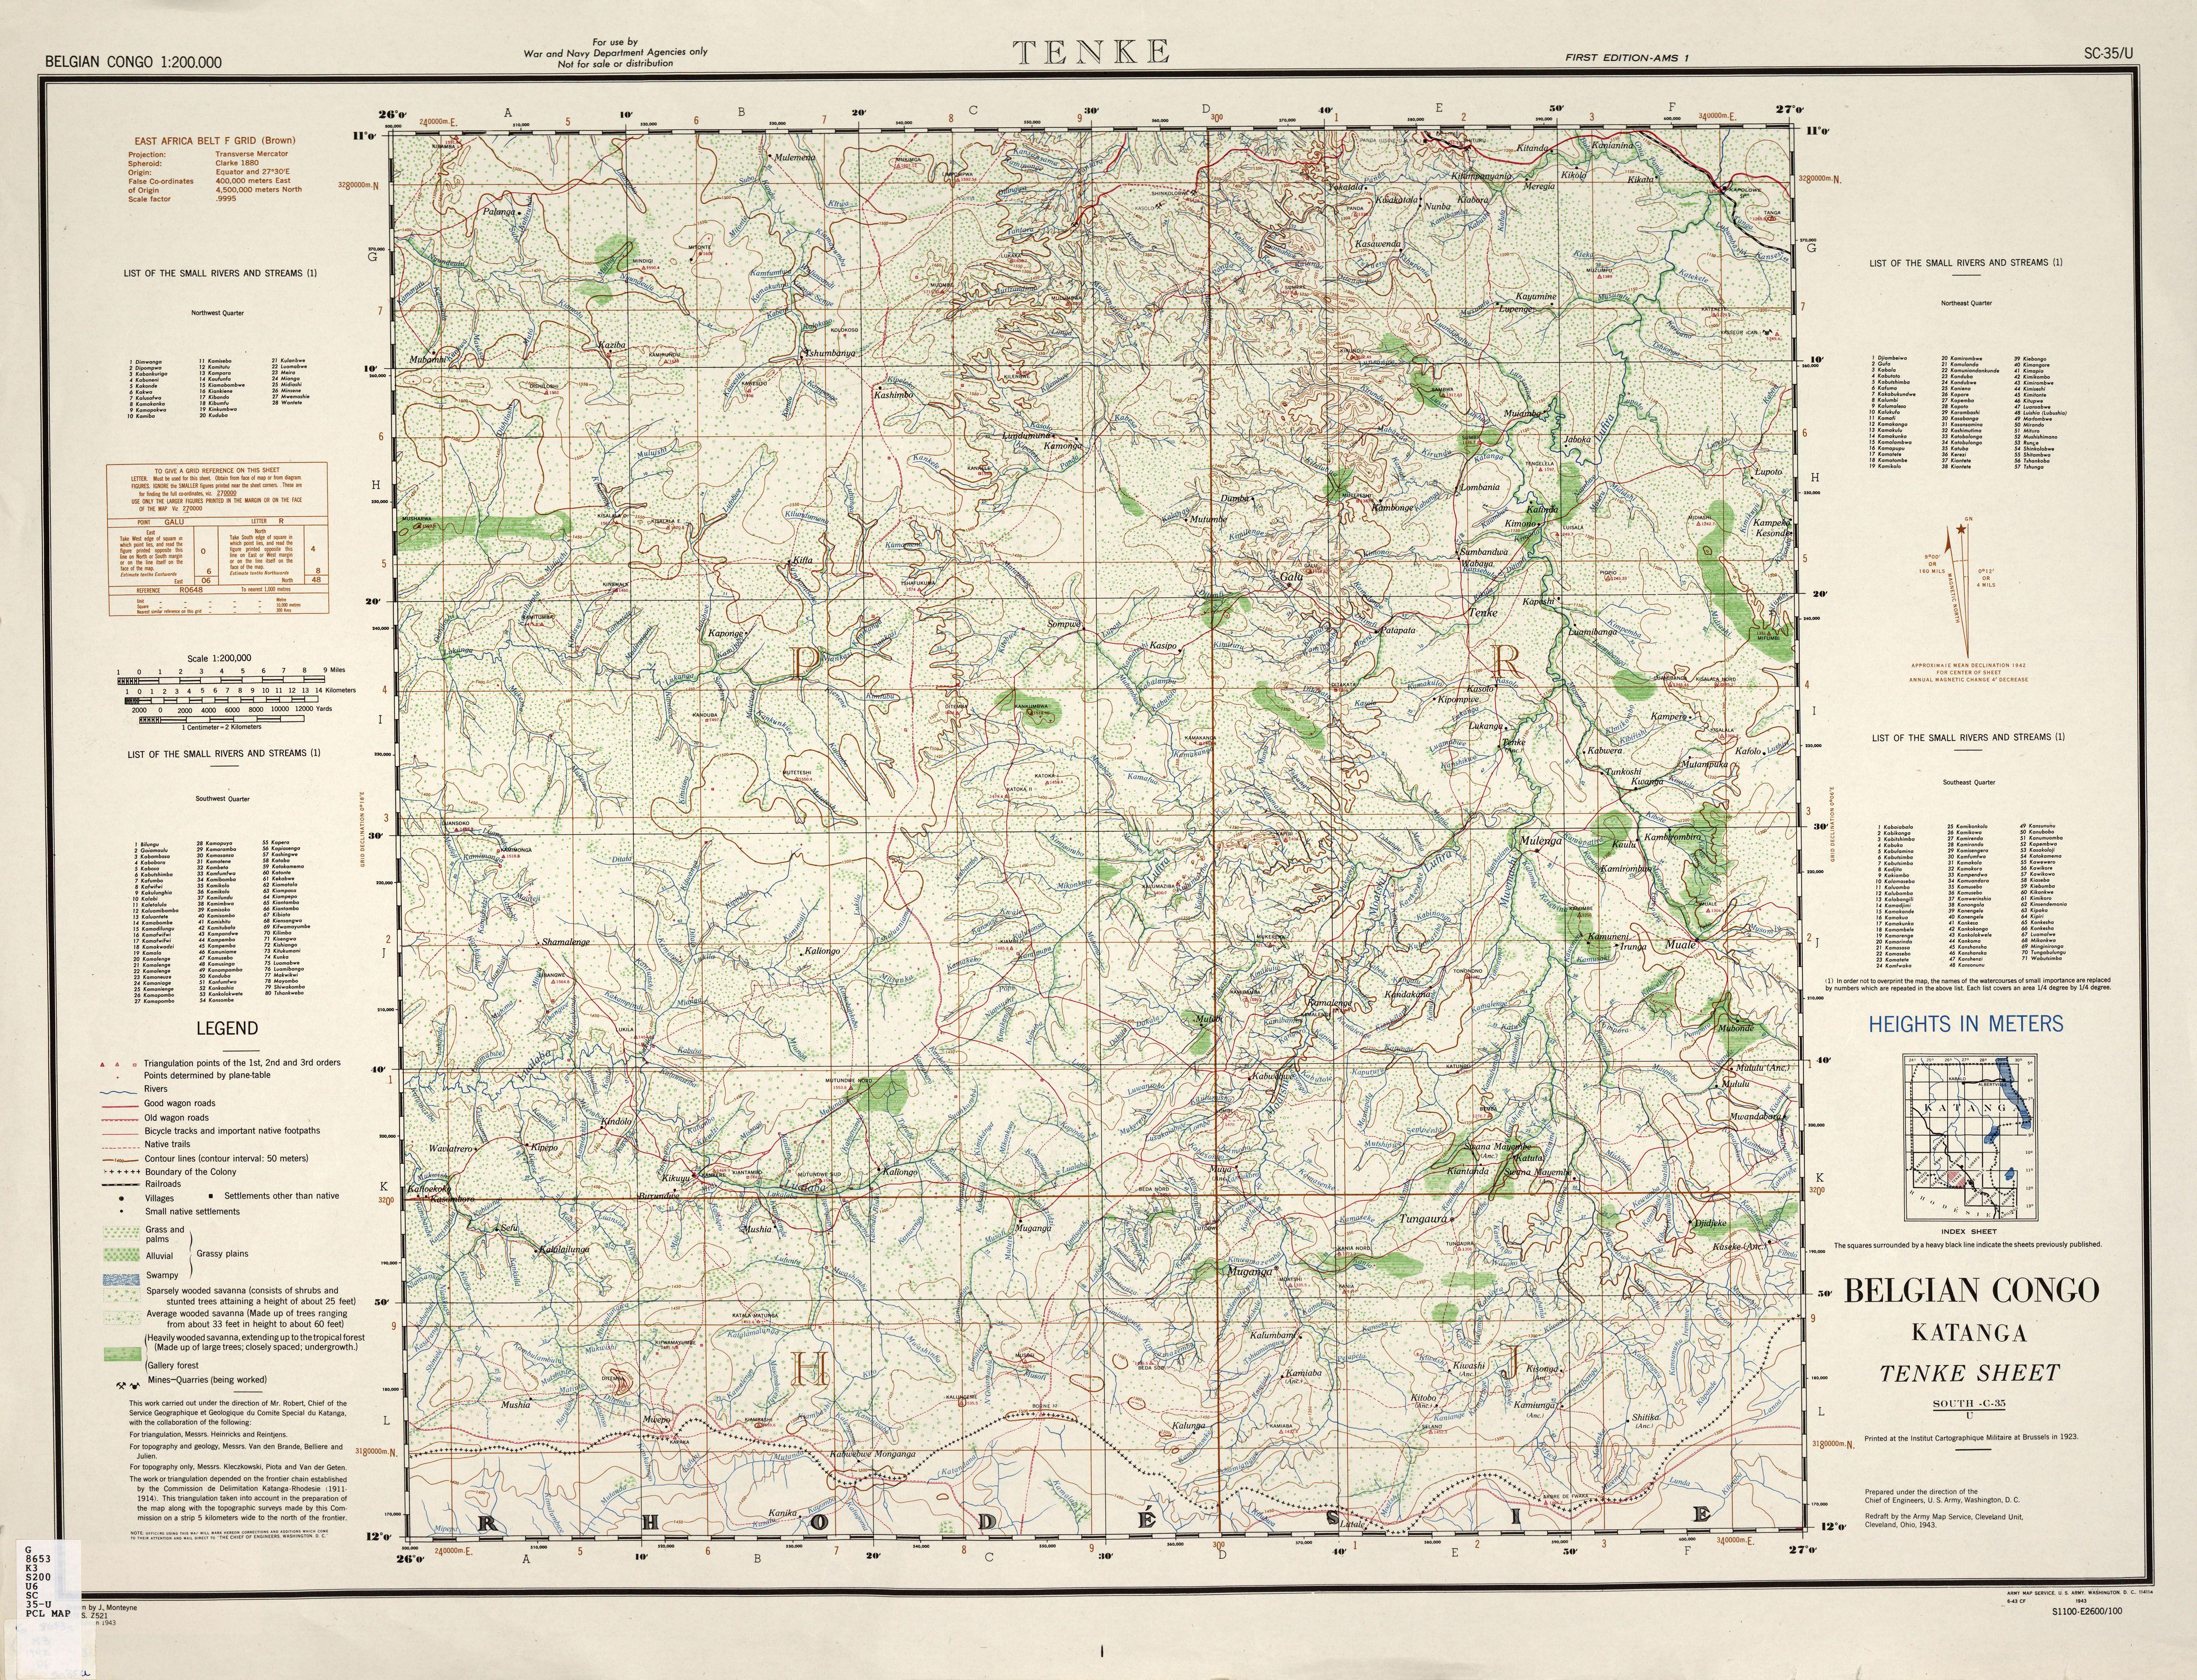 Belgian Congo Belgian Congo AMS Topographic Maps PerryCastaeda